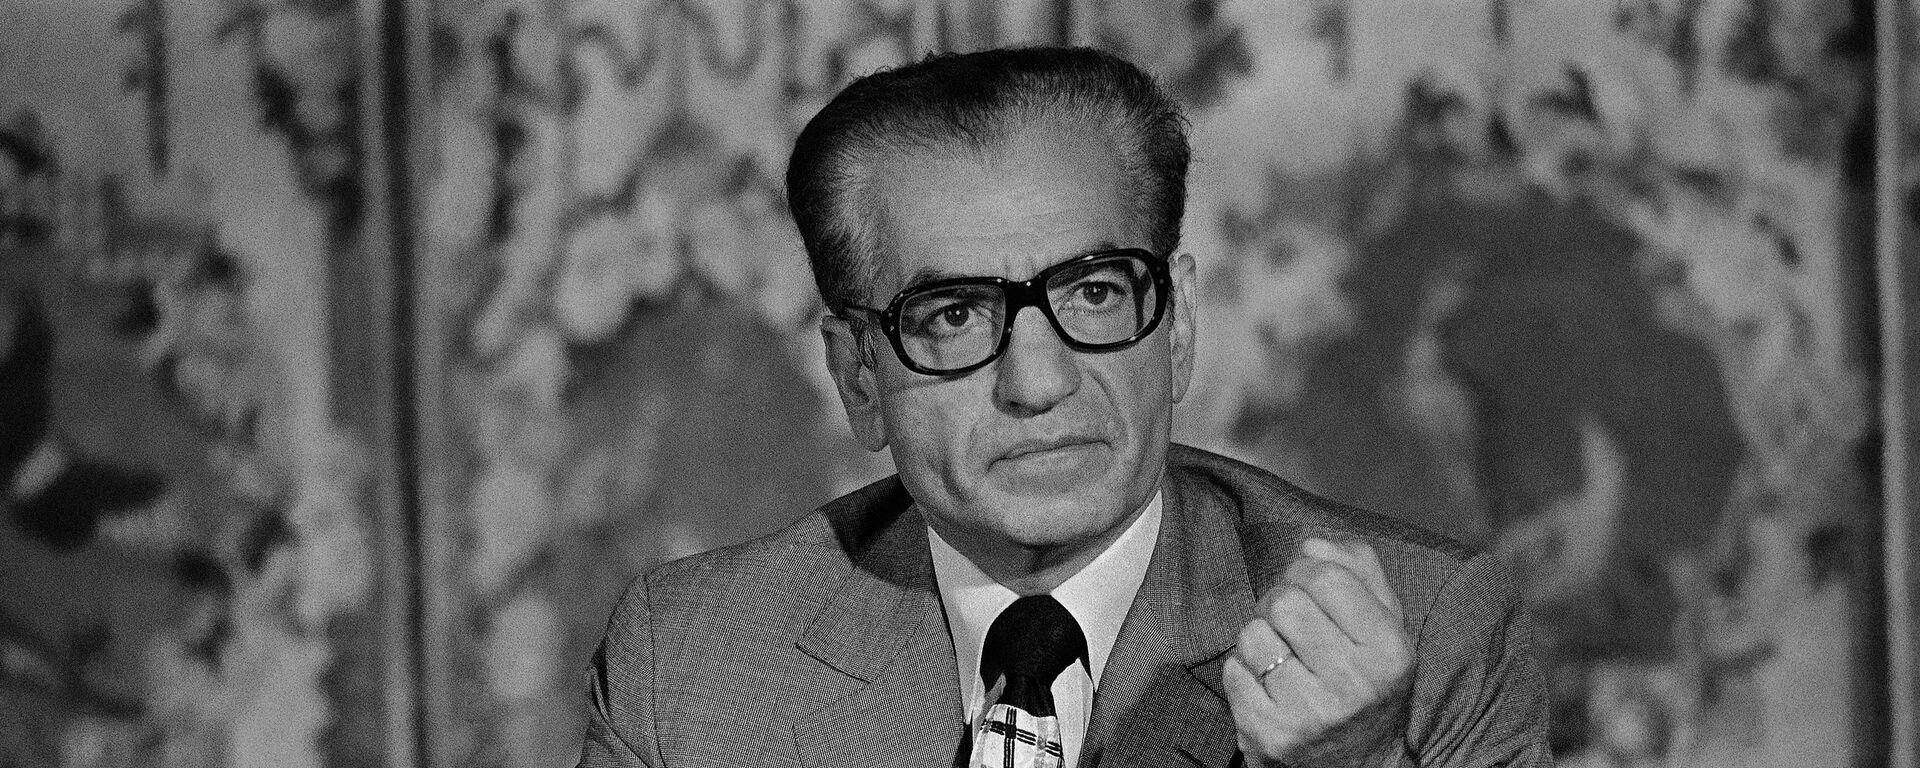 El sha de Irán, Mohamed Reza Pahlavi, durante una conferencia en Versalles en 1974 - Sputnik Mundo, 1920, 23.06.2020